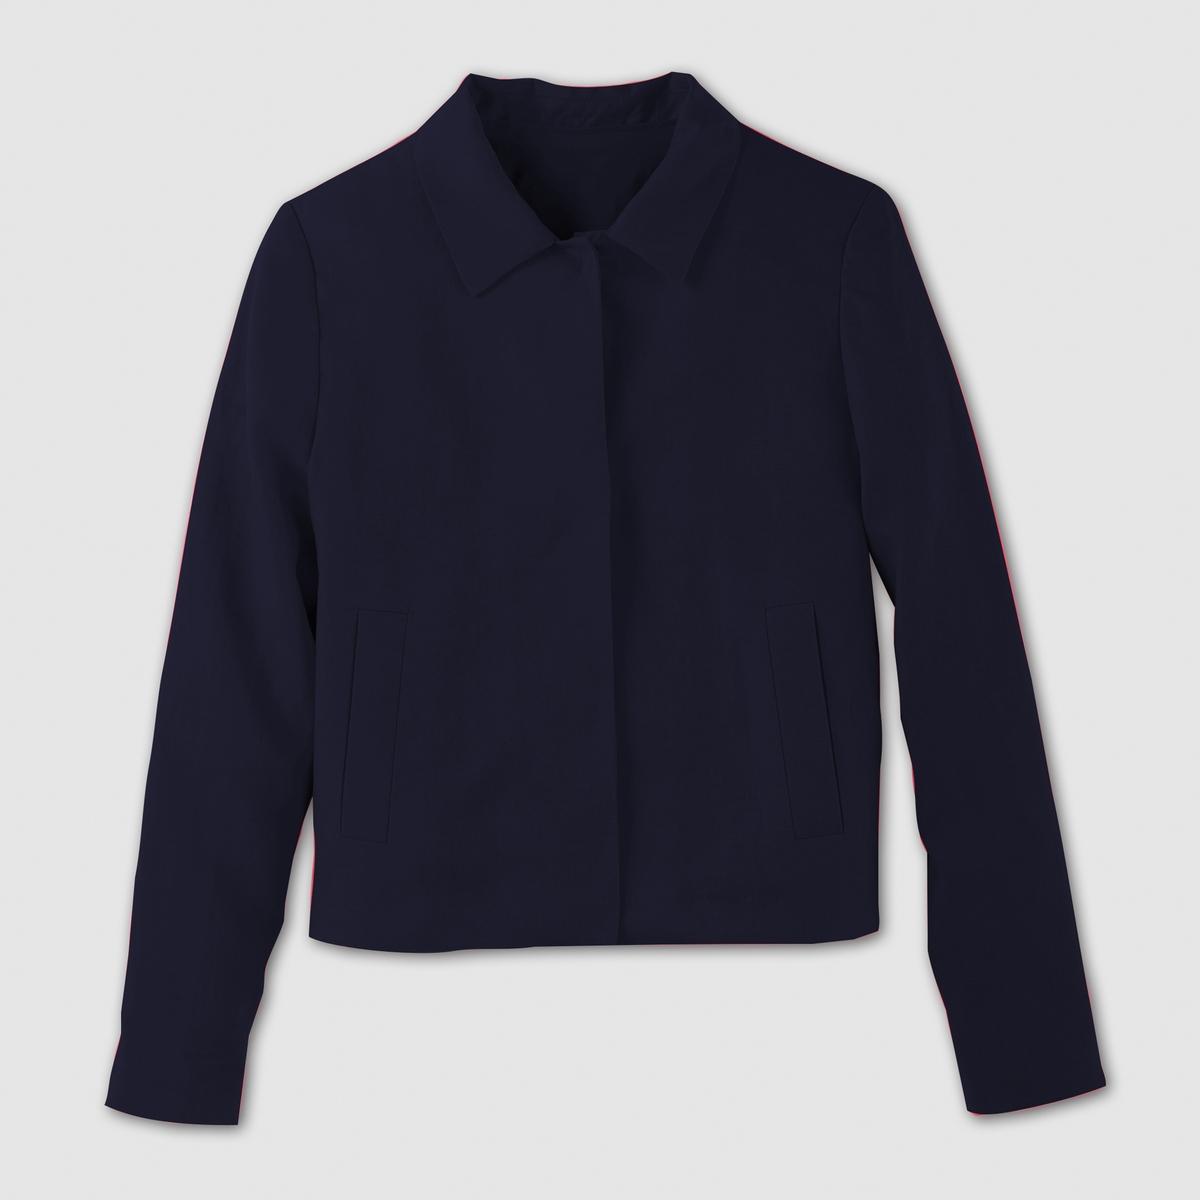 Куртка 100% льнаКуртка . 100% льна. . Подкладка из 100% полиэстера . Форма банки, короткая и прямая . Супатная застежка на пуговицы .  Низ рукавов с пуговицами . Рубашечный воротник . Длина: 55 см .<br><br>Цвет: желтый янтарь,розовый малиновый,синий морской,слоновая кость,черный<br>Размер: 34 (FR) - 40 (RUS).40 (FR) - 46 (RUS).42 (FR) - 48 (RUS).46 (FR) - 52 (RUS).44 (FR) - 50 (RUS).40 (FR) - 46 (RUS)